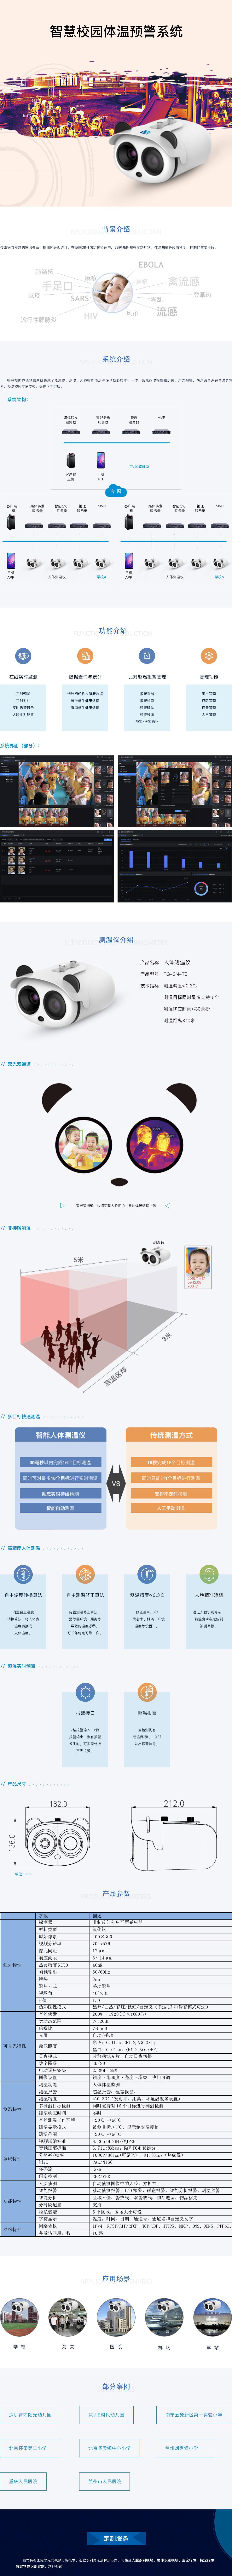 智能AI行为监控 行为监控 行为识别 姿态识别